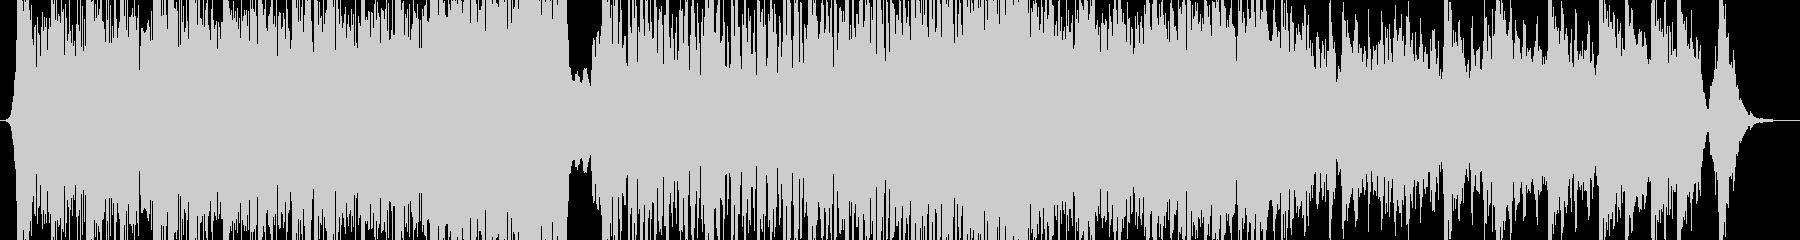 現代的 交響曲 モダン 室内楽 バ...の未再生の波形